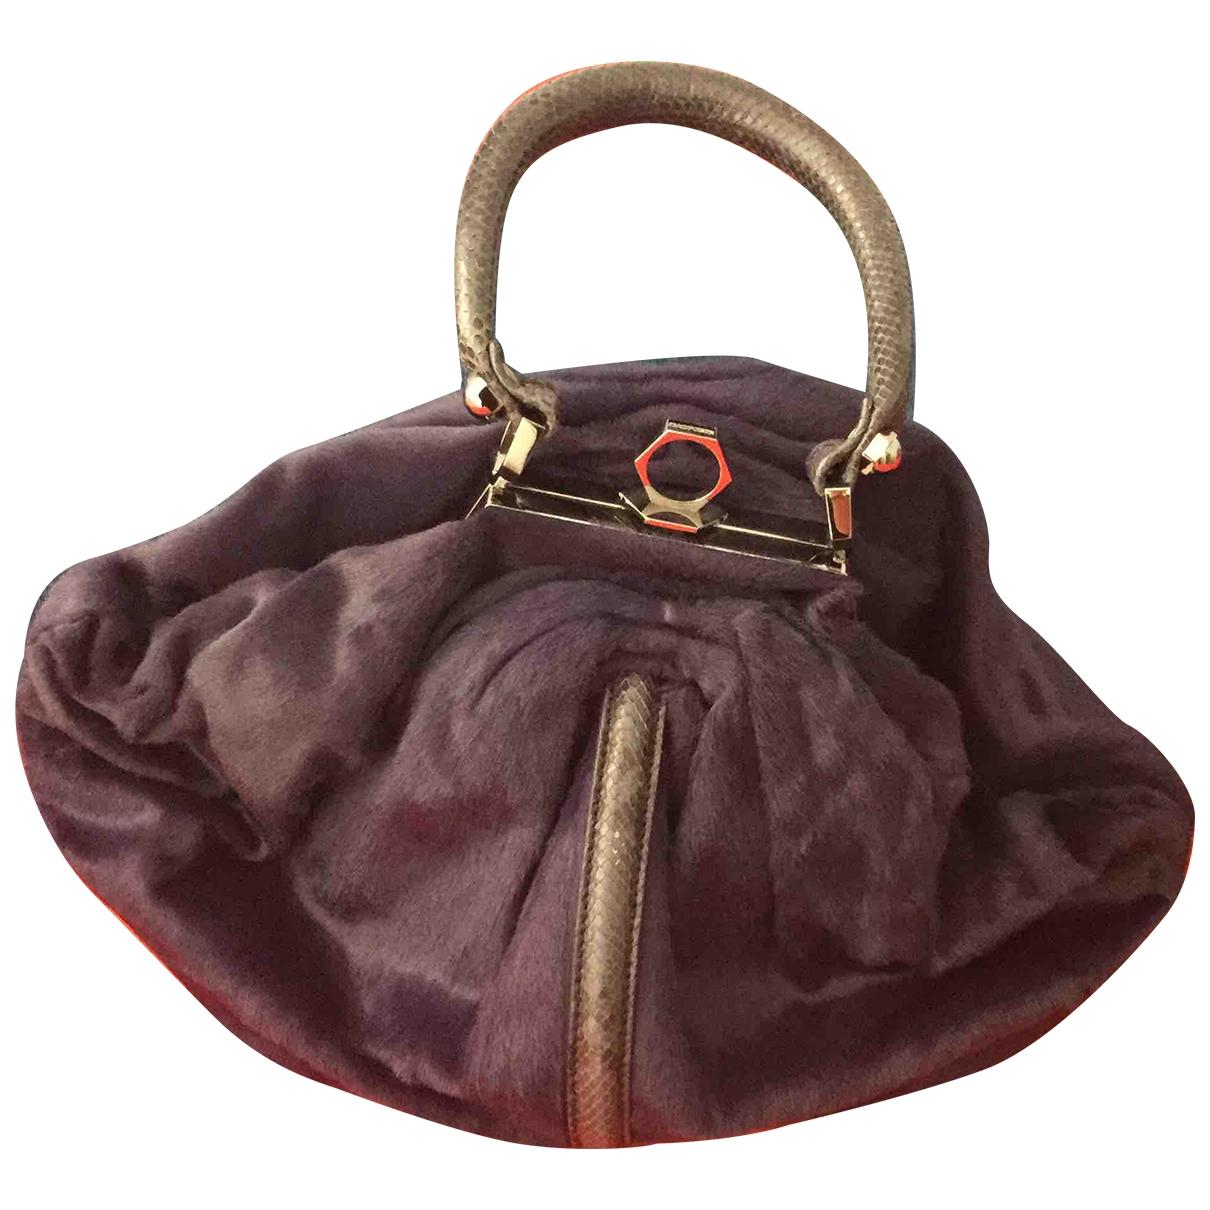 Zac Posen \N Handtasche in  Lila Fell